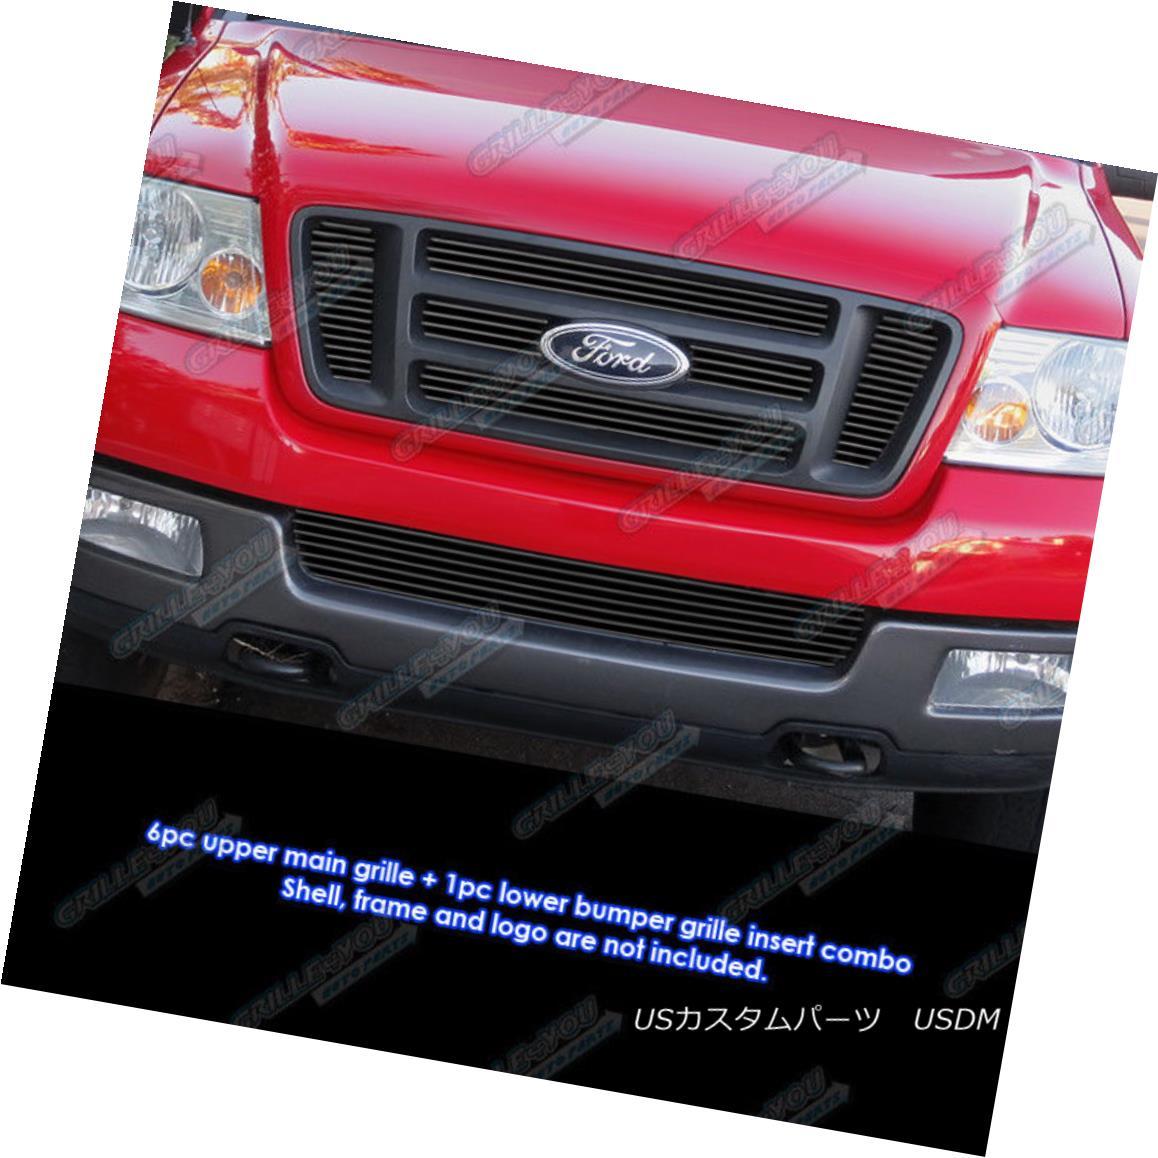 グリル Custom Fits 2004-2005 Ford F-150 Bar Style Black Billet Grill Combo カスタムフィット2004-2005フォードF - 150バースタイルブラックビレットグリルコンボ